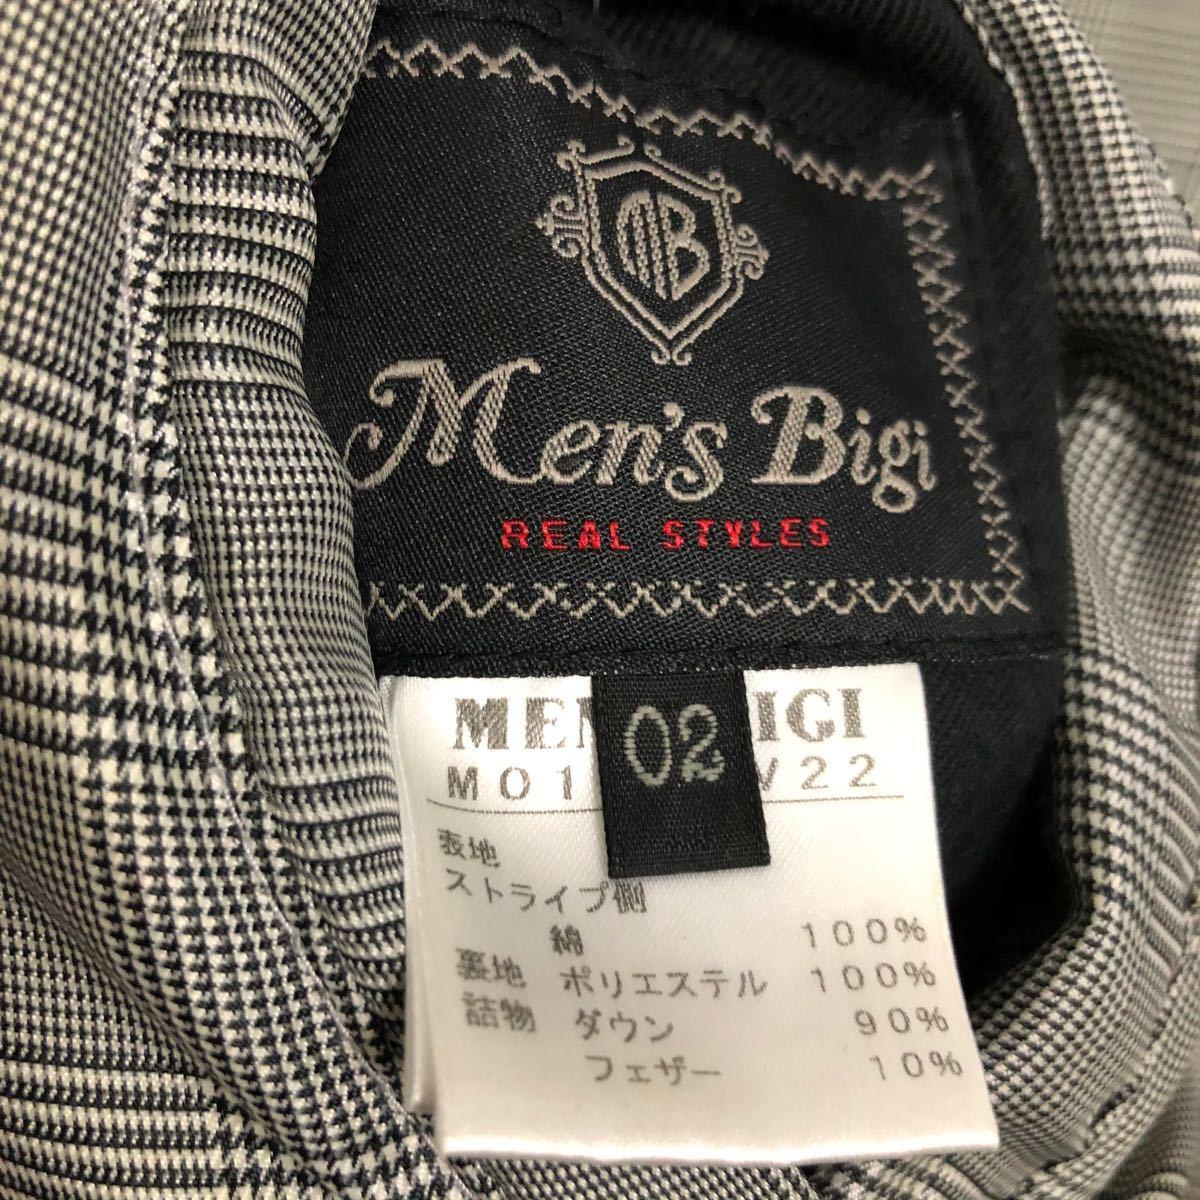 ★美品★ MEN'S BIGI メンズビギ★ダウンベスト★リバーシブル